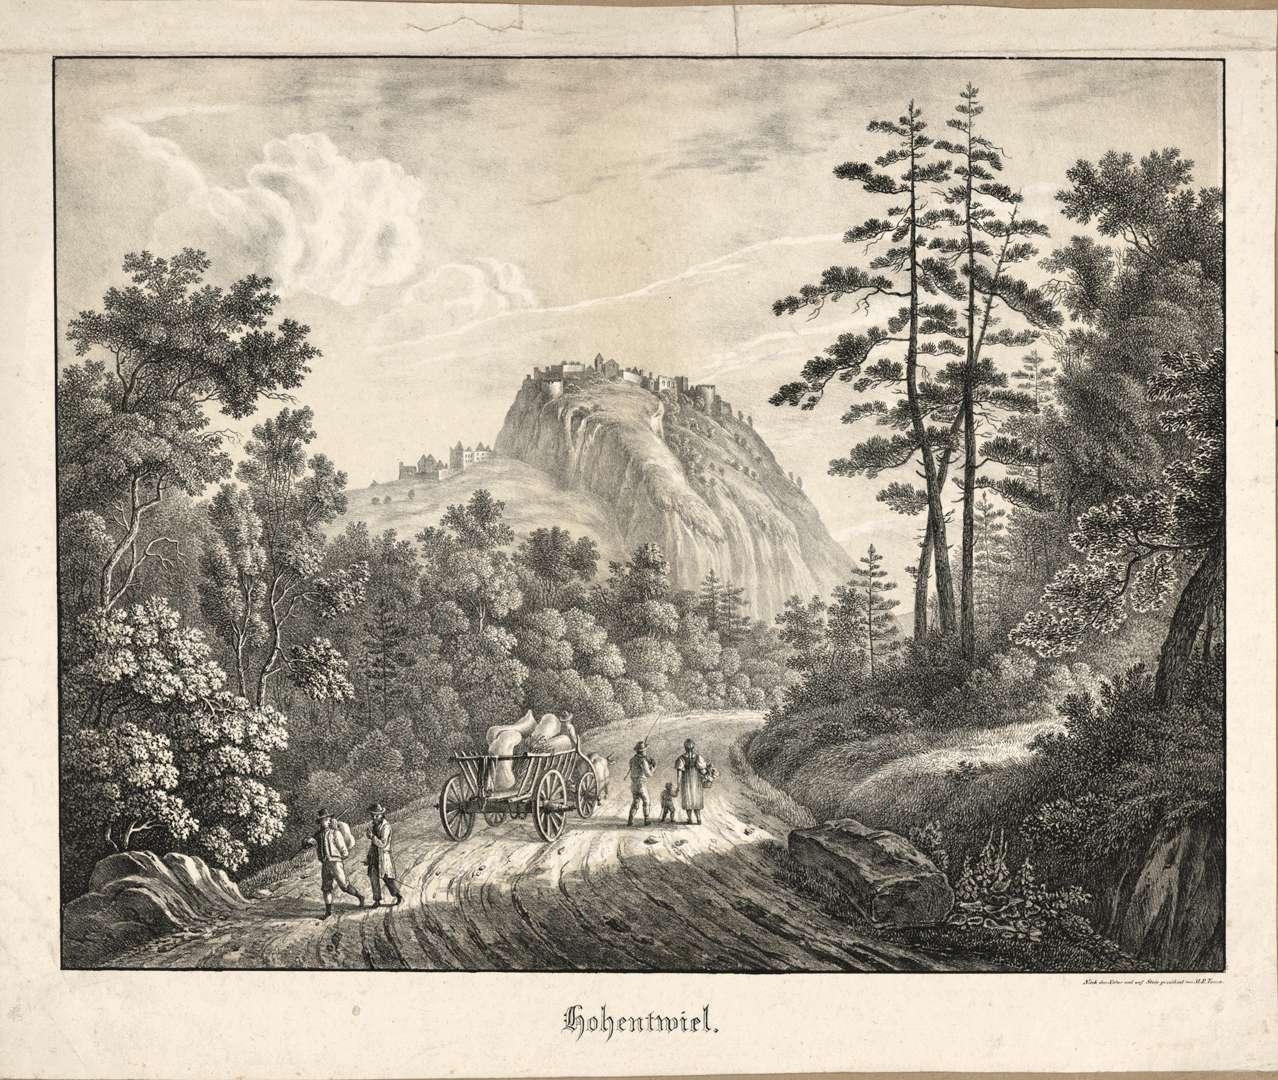 Hohentwiel, Bild 1